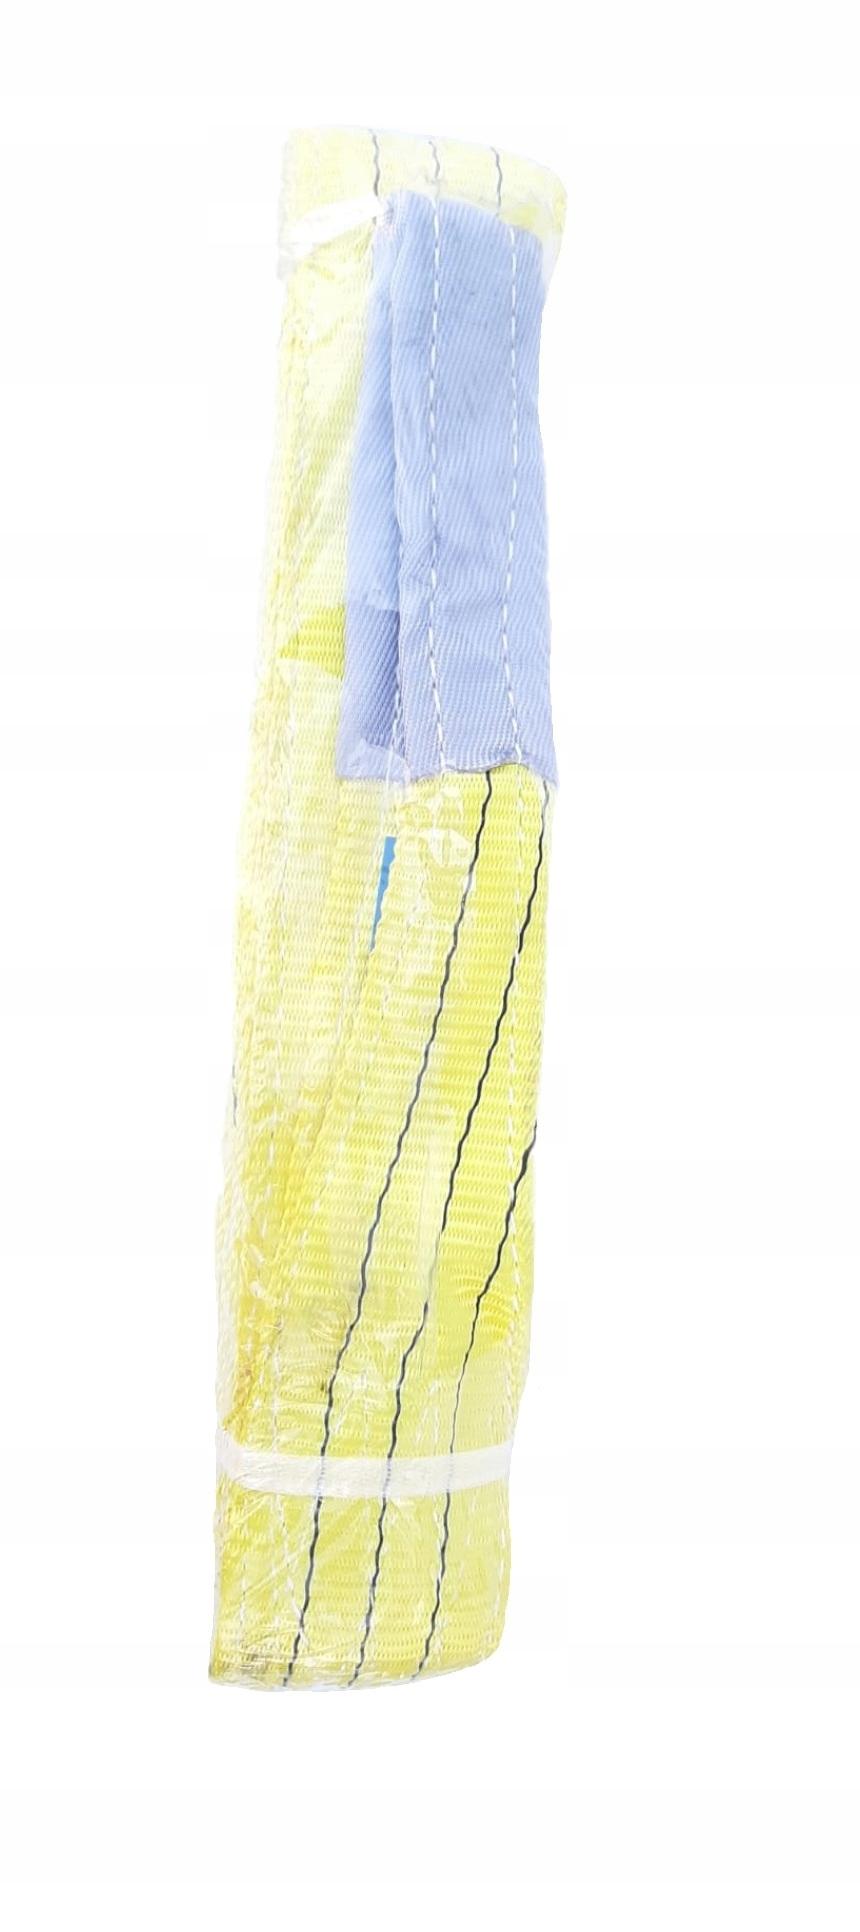 zawiesie zawiesia pasowe dzwigowe 3T 10m HDS Dzwig